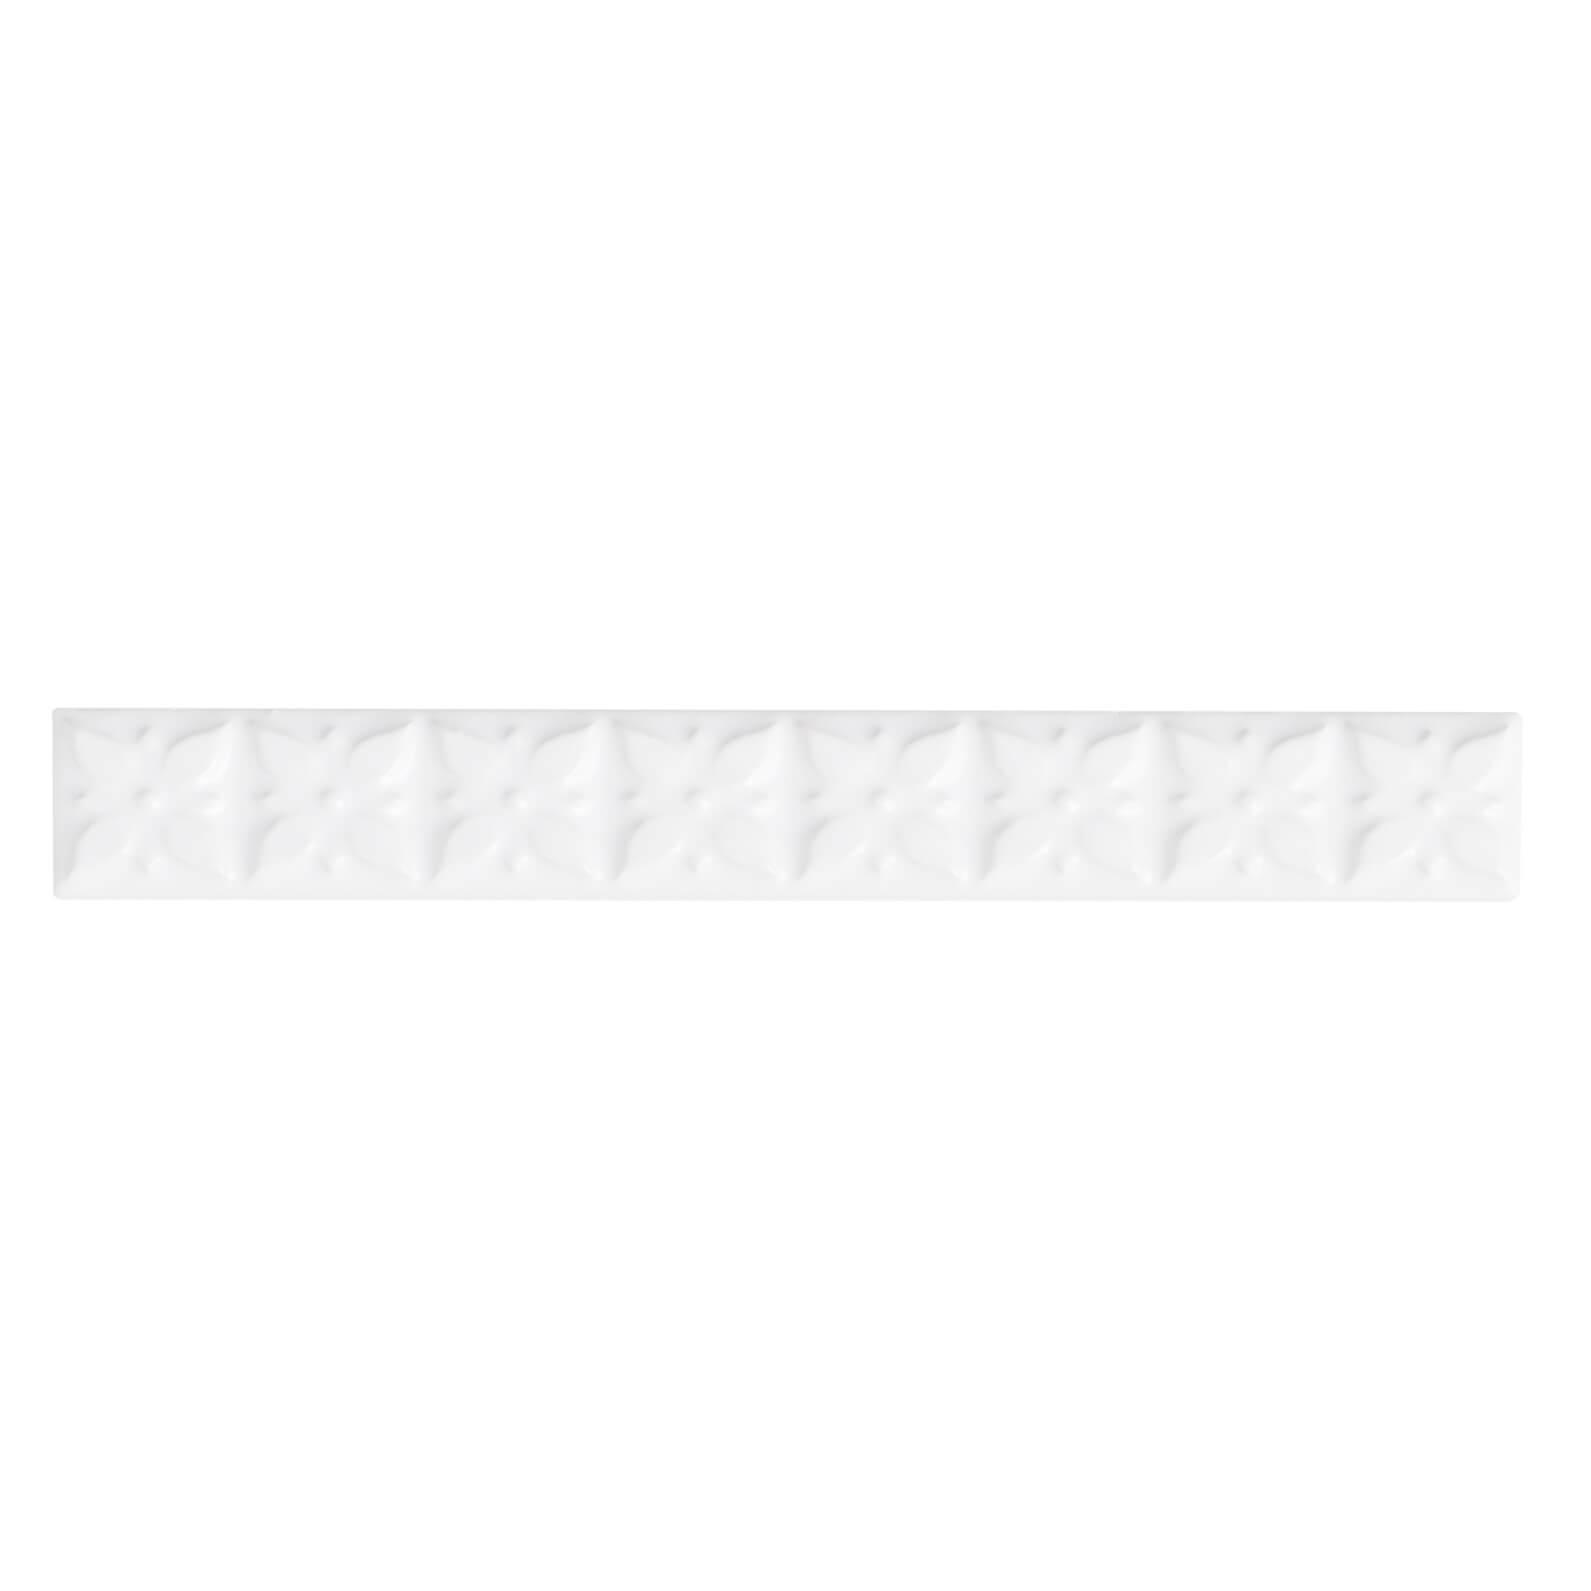 ADST4019 - RELIEVE PONCIANA - 3 cm X 19.8 cm